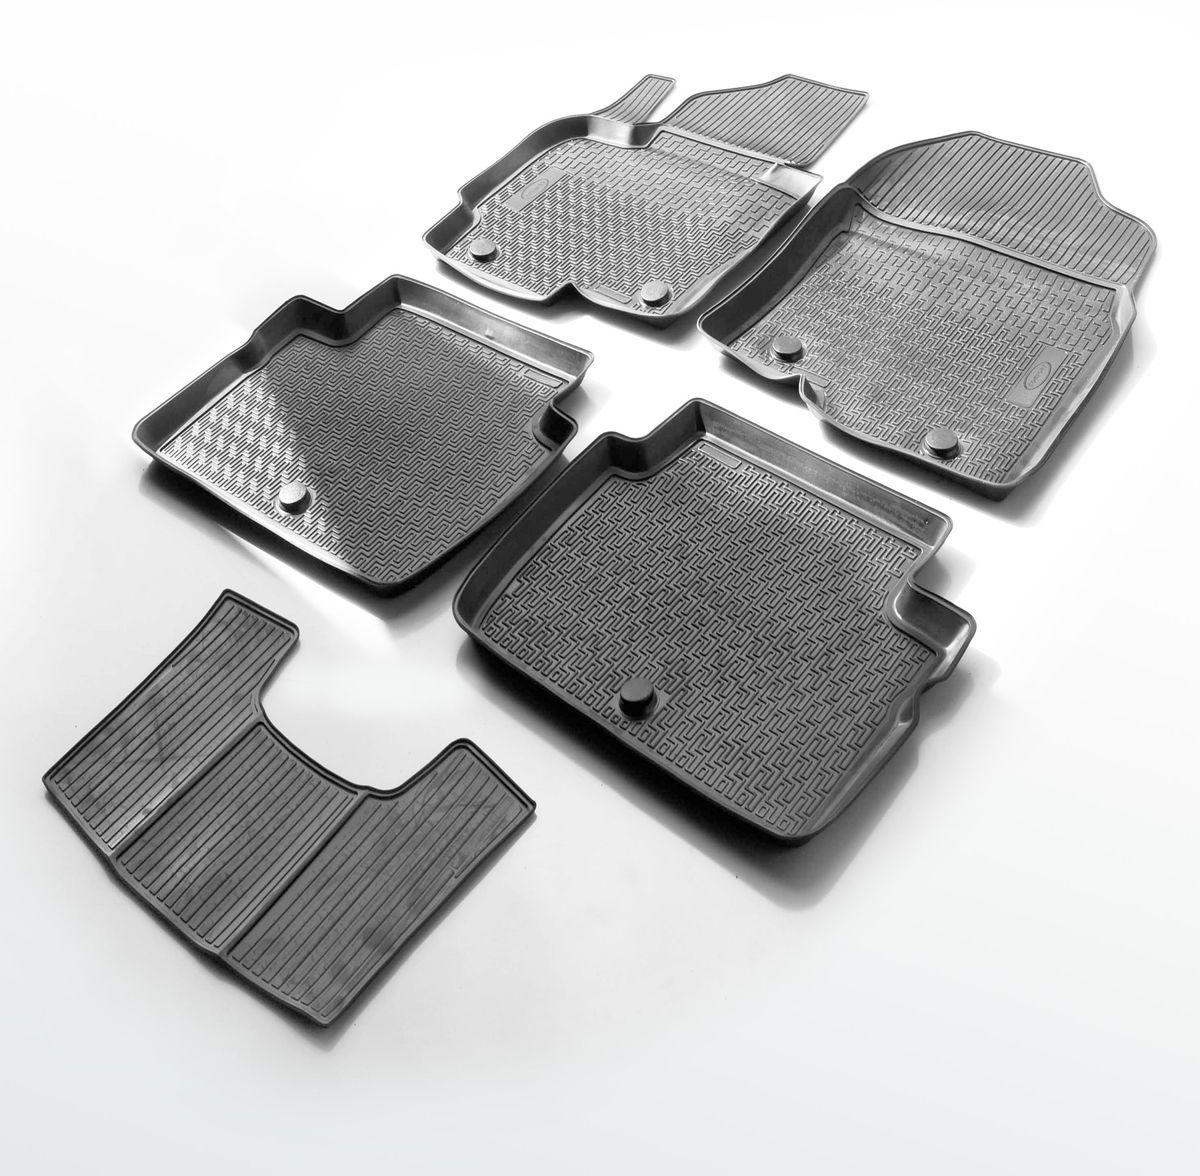 Ковры салона Rival для Datsun on-DO 2014- / mi-DO 2014-, 4 шт + перемычка0018701001Автомобильные ковры салона Rival Прочные и долговечные ковры в салон автомобиля, изготовлены из высококачественного и экологичного сырья, полностью повторяют геометрию салона вашего автомобиля. - Надежная система крепления, позволяющая закрепить коврик на штатные элементы фиксации, в результате чего отсутствует эффект скольжения по салону автомобиля. - Высокая стойкость поверхности к стиранию. - Специализированный рисунок и высокий борт, препятствующие распространению грязи и жидкости по поверхности ковра. - Перемычка задних ковров в комплекте предотвращает загрязнение тоннеля карданного вала. - Произведены из первичных материалов, в результате чего отсутствует неприятный запах в салоне автомобиля. - Высокая эластичность, можно беспрепятственно эксплуатировать при температуре от -45 ?C до +45 ?C.